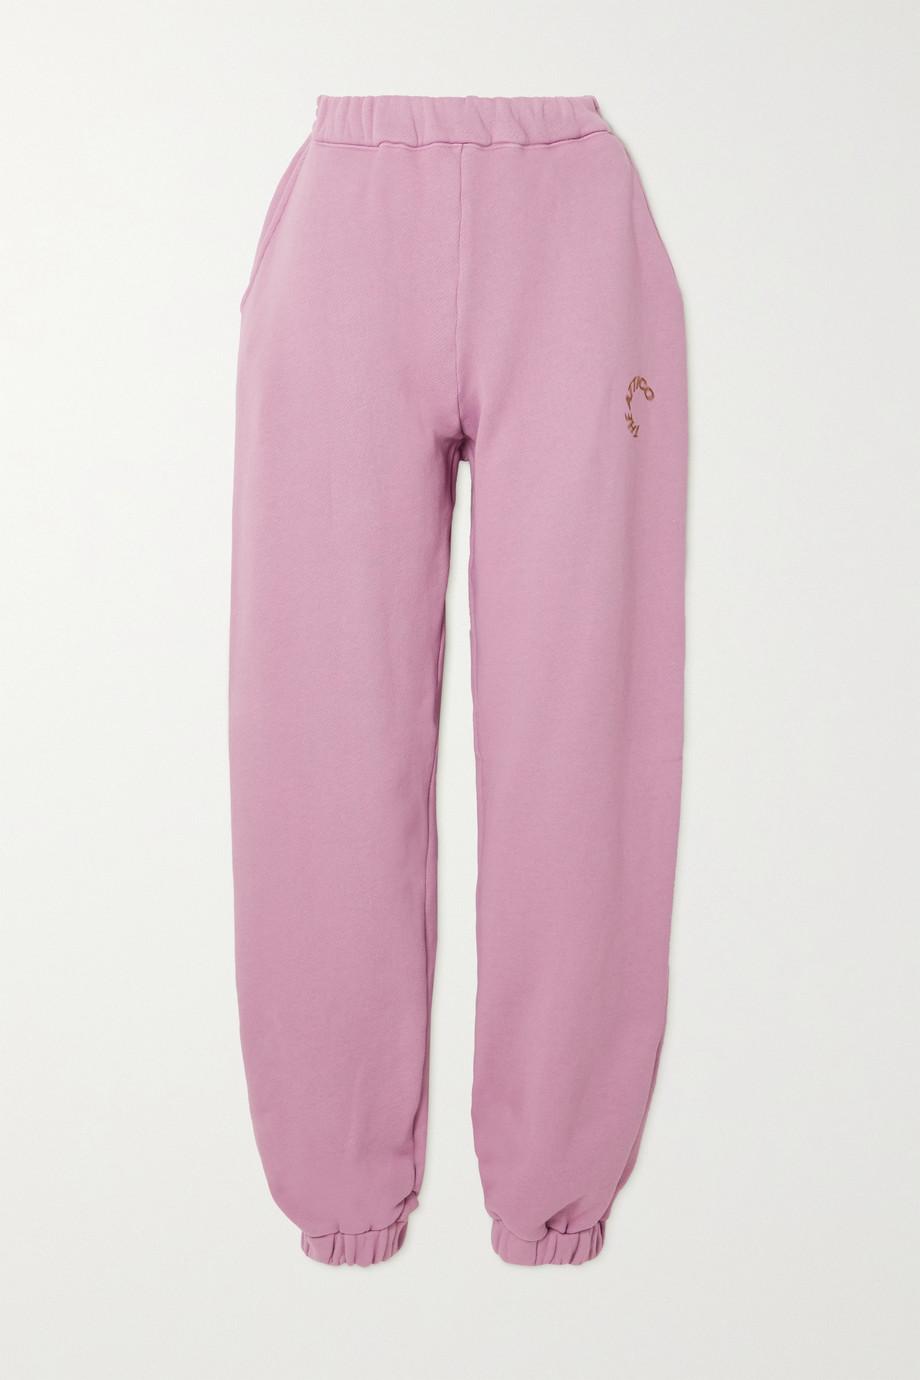 The Attico Pantalon de survêtement en jersey de coton imprimé Peggy